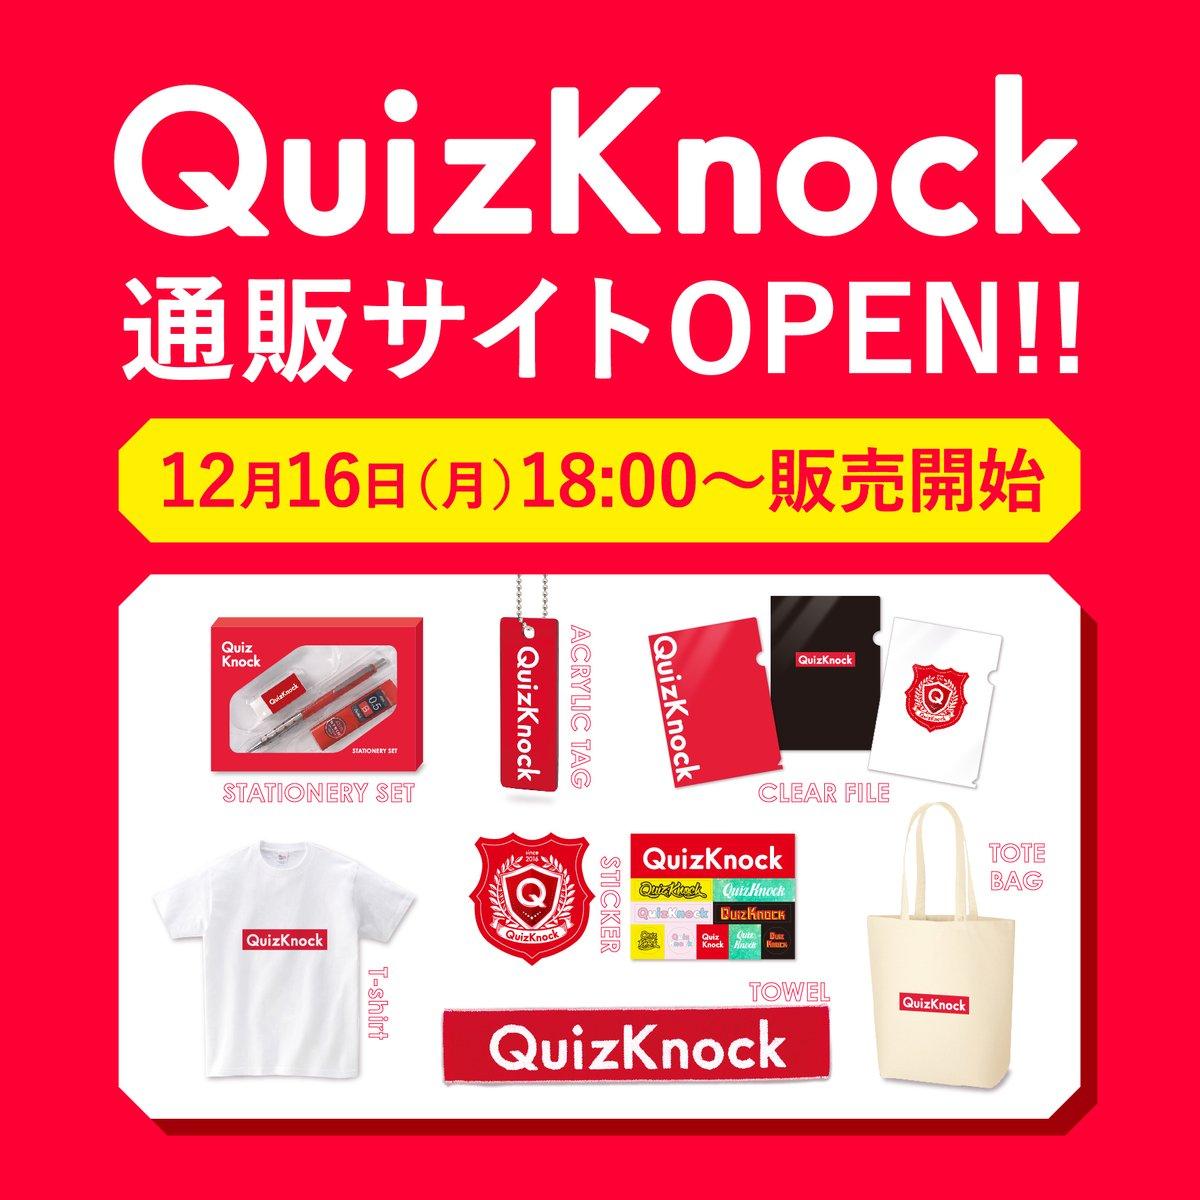 QuizKnock公式グッズの通販サイト、URLが公開されました。販売開始は12/16(月)18時〜です。タオルは送料の関係でハコなしの簡易梱包仕様のため、少し値段を下げました。送料は840円均一、厚みがない商品は組合せ次第で420円のネコポス配送が可能とのこと。 #QK公式グッズ